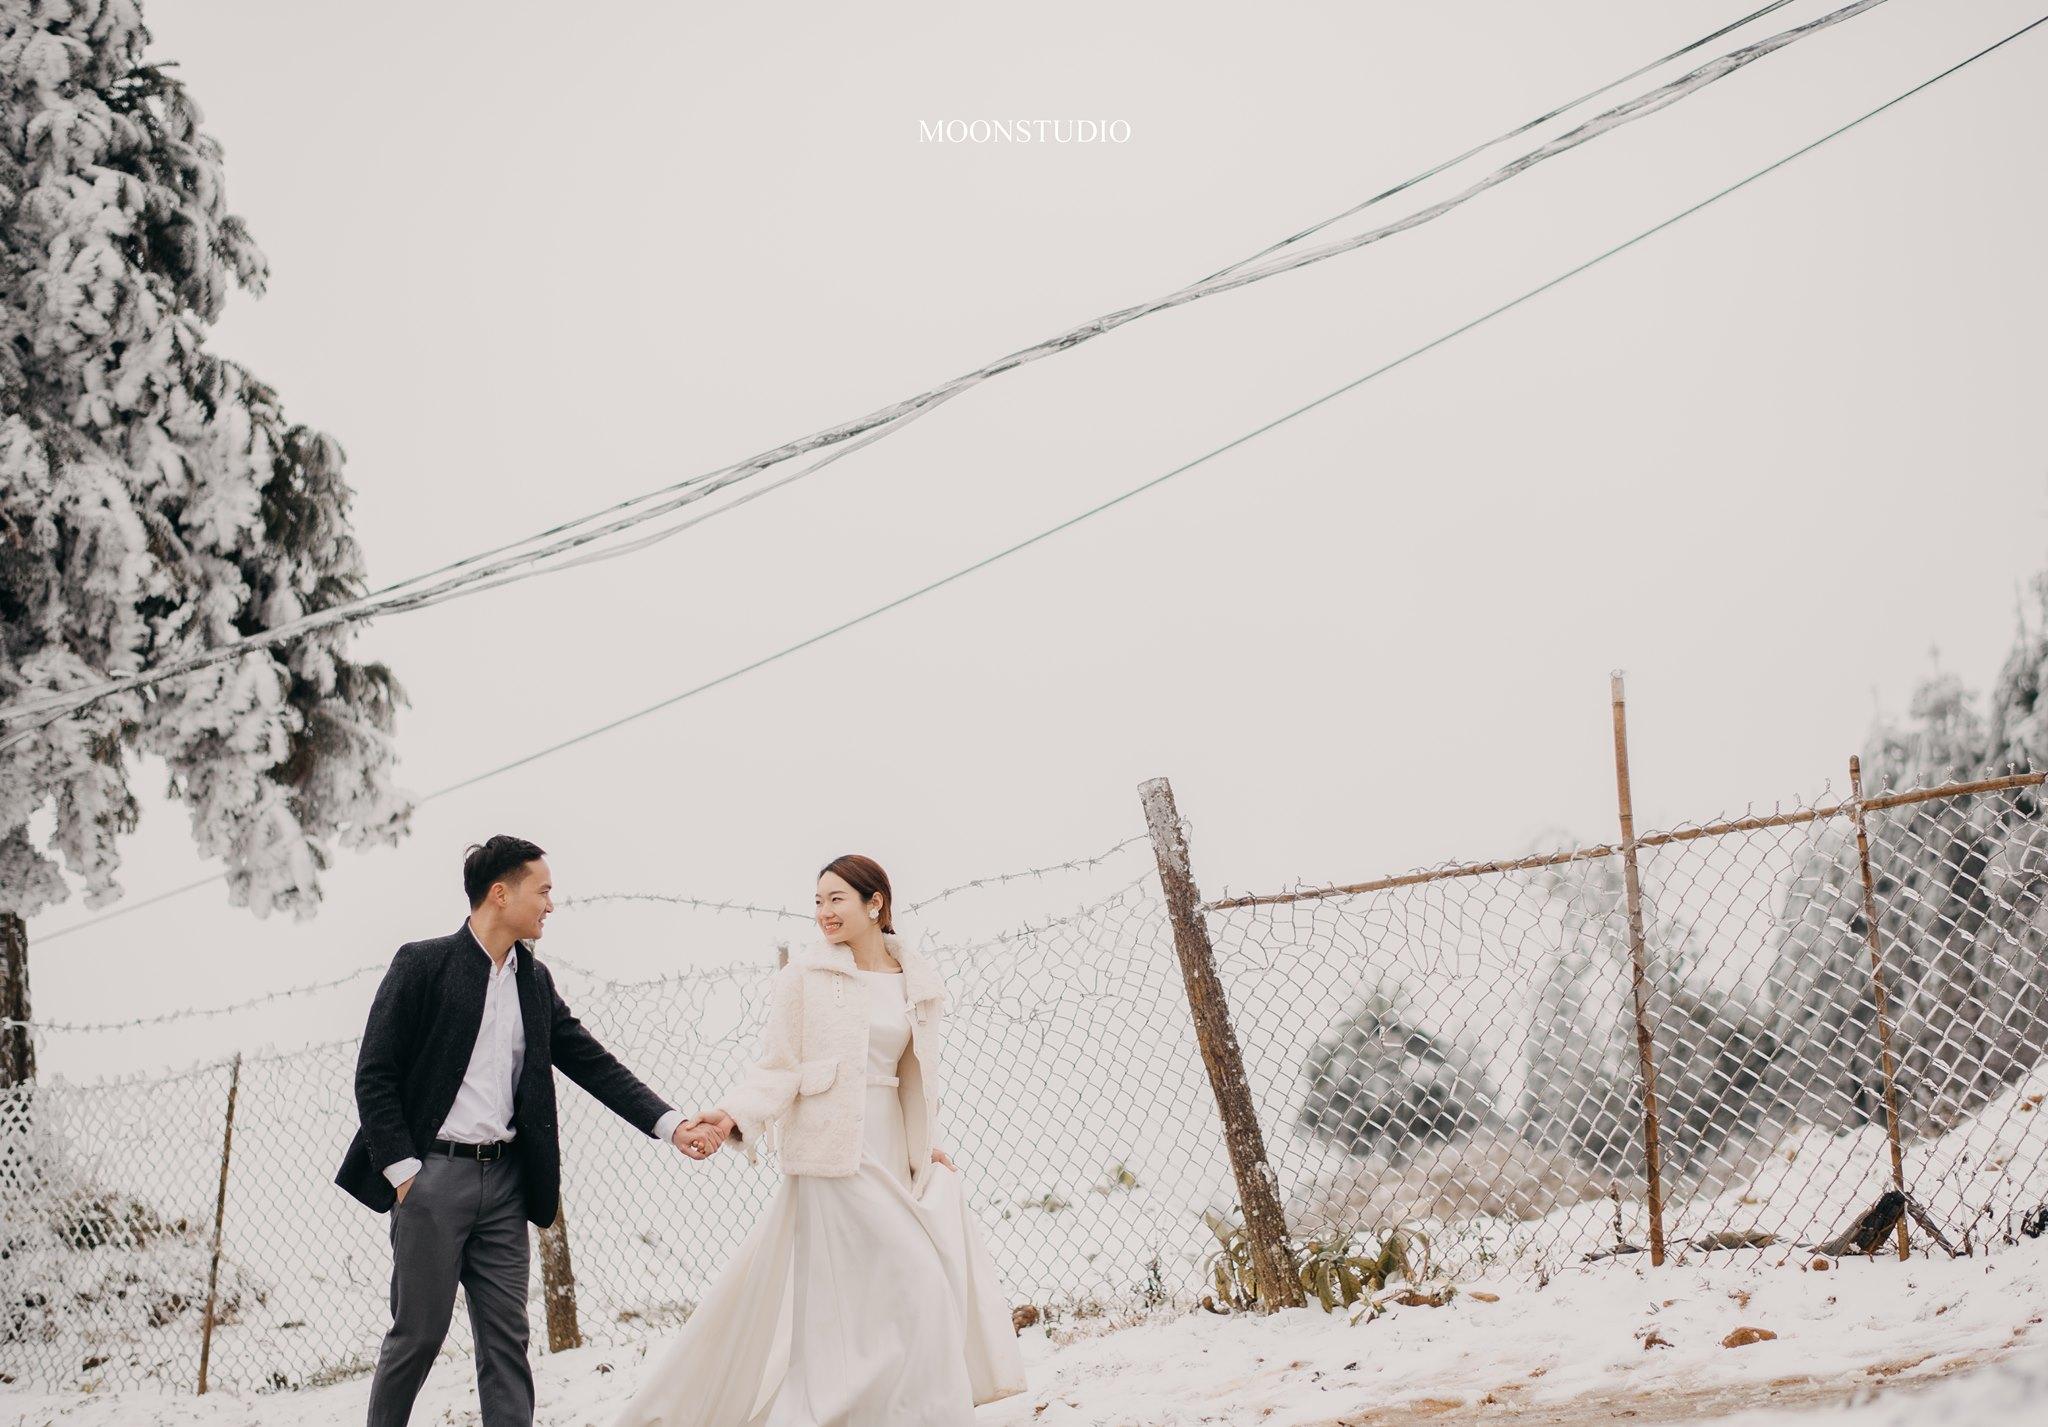 Mê mẩn với bộ ảnh cưới trong tuyết của cặp đôi may mắn, dù váy cưới cô dâu bị đóng băng do quá lạnh - Ảnh 9.